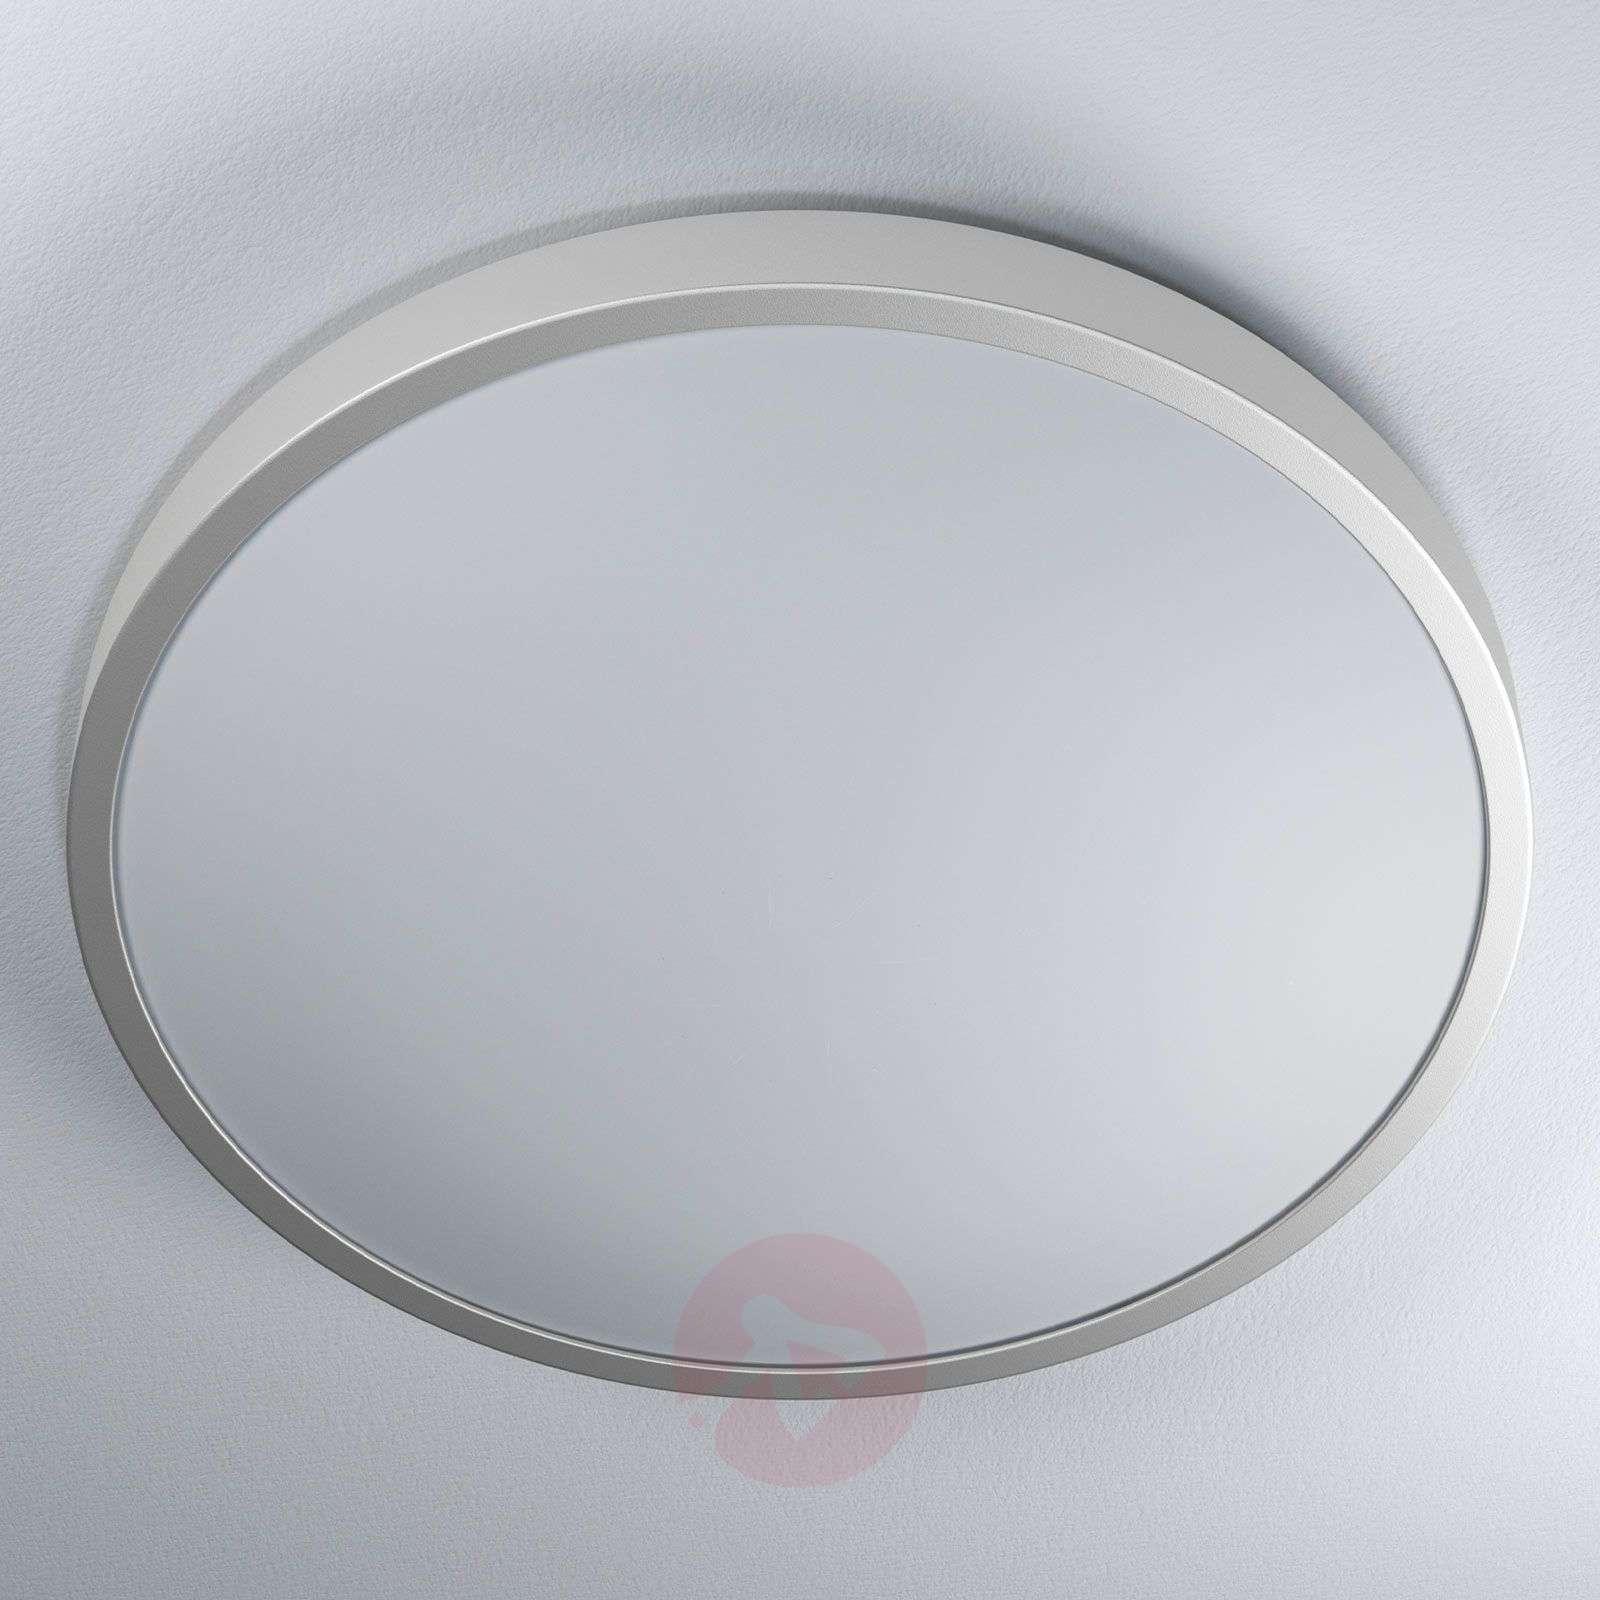 LEDVANCE Orbis LED-kattovalaisin 40 cm Click-CCT-6106030-01